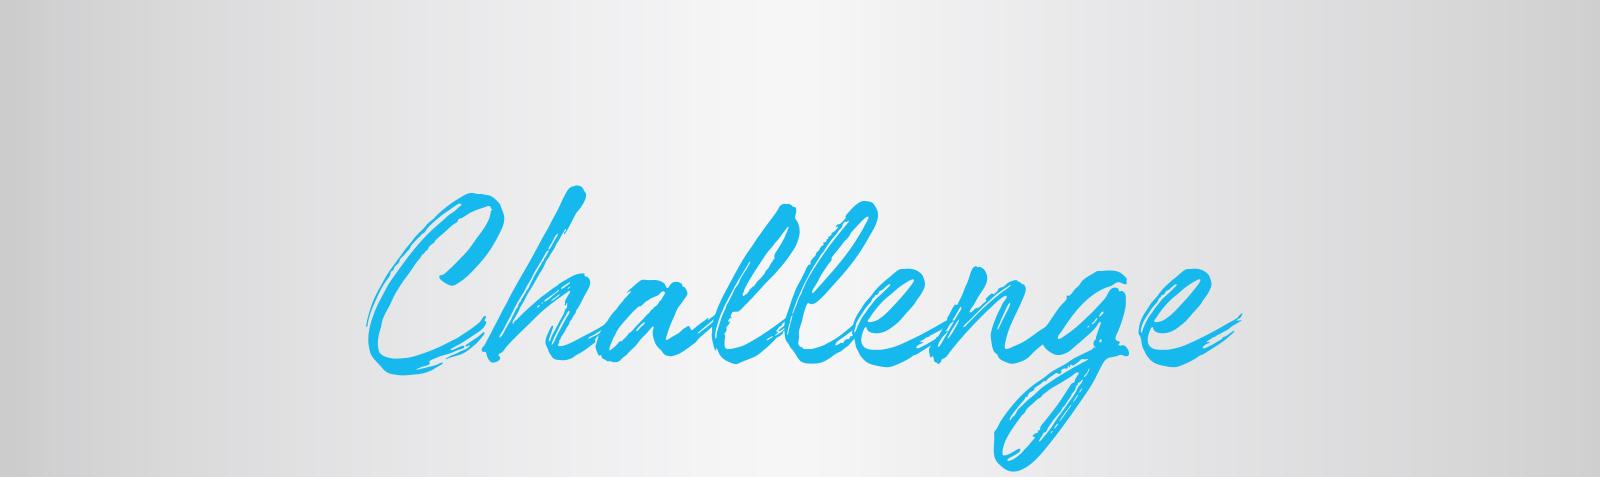 5_MFA_Banner_1600x477px_MFA5Plus_Challenge